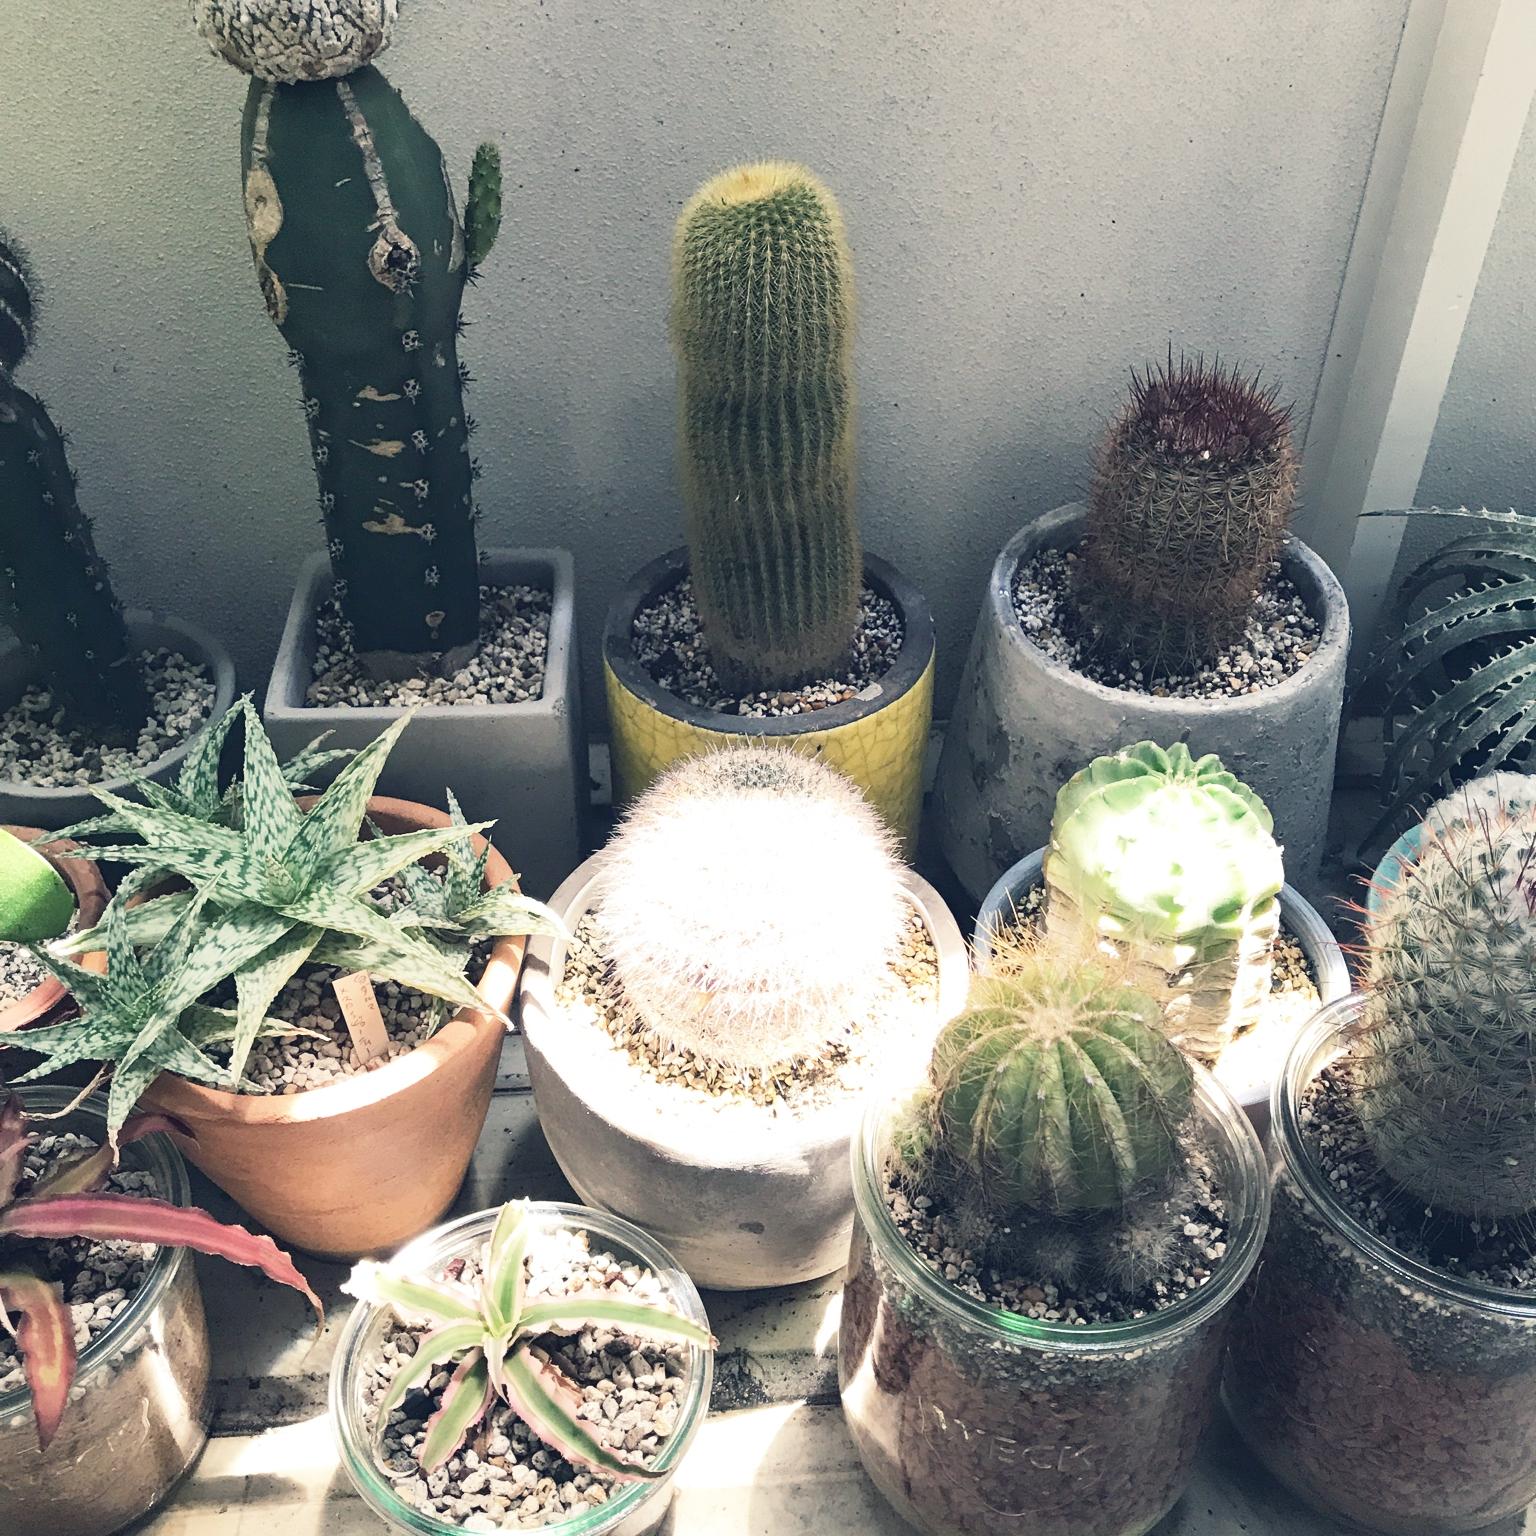 Bathroom/観葉植物/植物/サボテン/多肉植物/WECK/日光浴/ガラス容器/NO GREEN NO LIFE/グリーンのある暮らし/植物のある暮らし/クリプタンサスに関連する部屋のインテリア実例